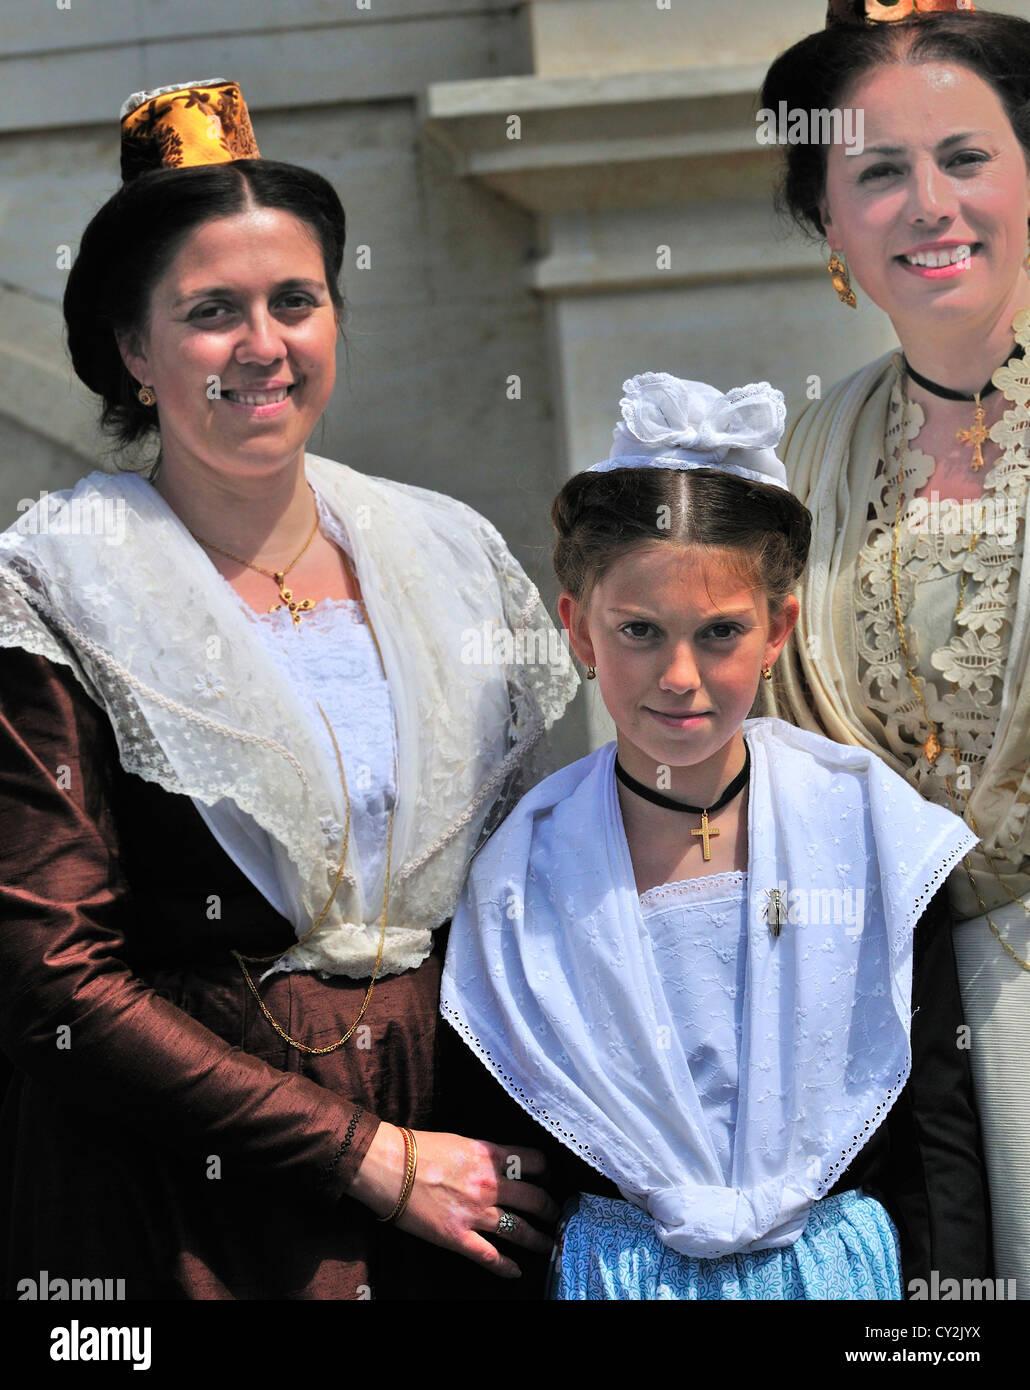 Damen und Mädchen in Tracht als ist die Derigger für Wächter Ehefrauen und Beauxs während der Stockbild